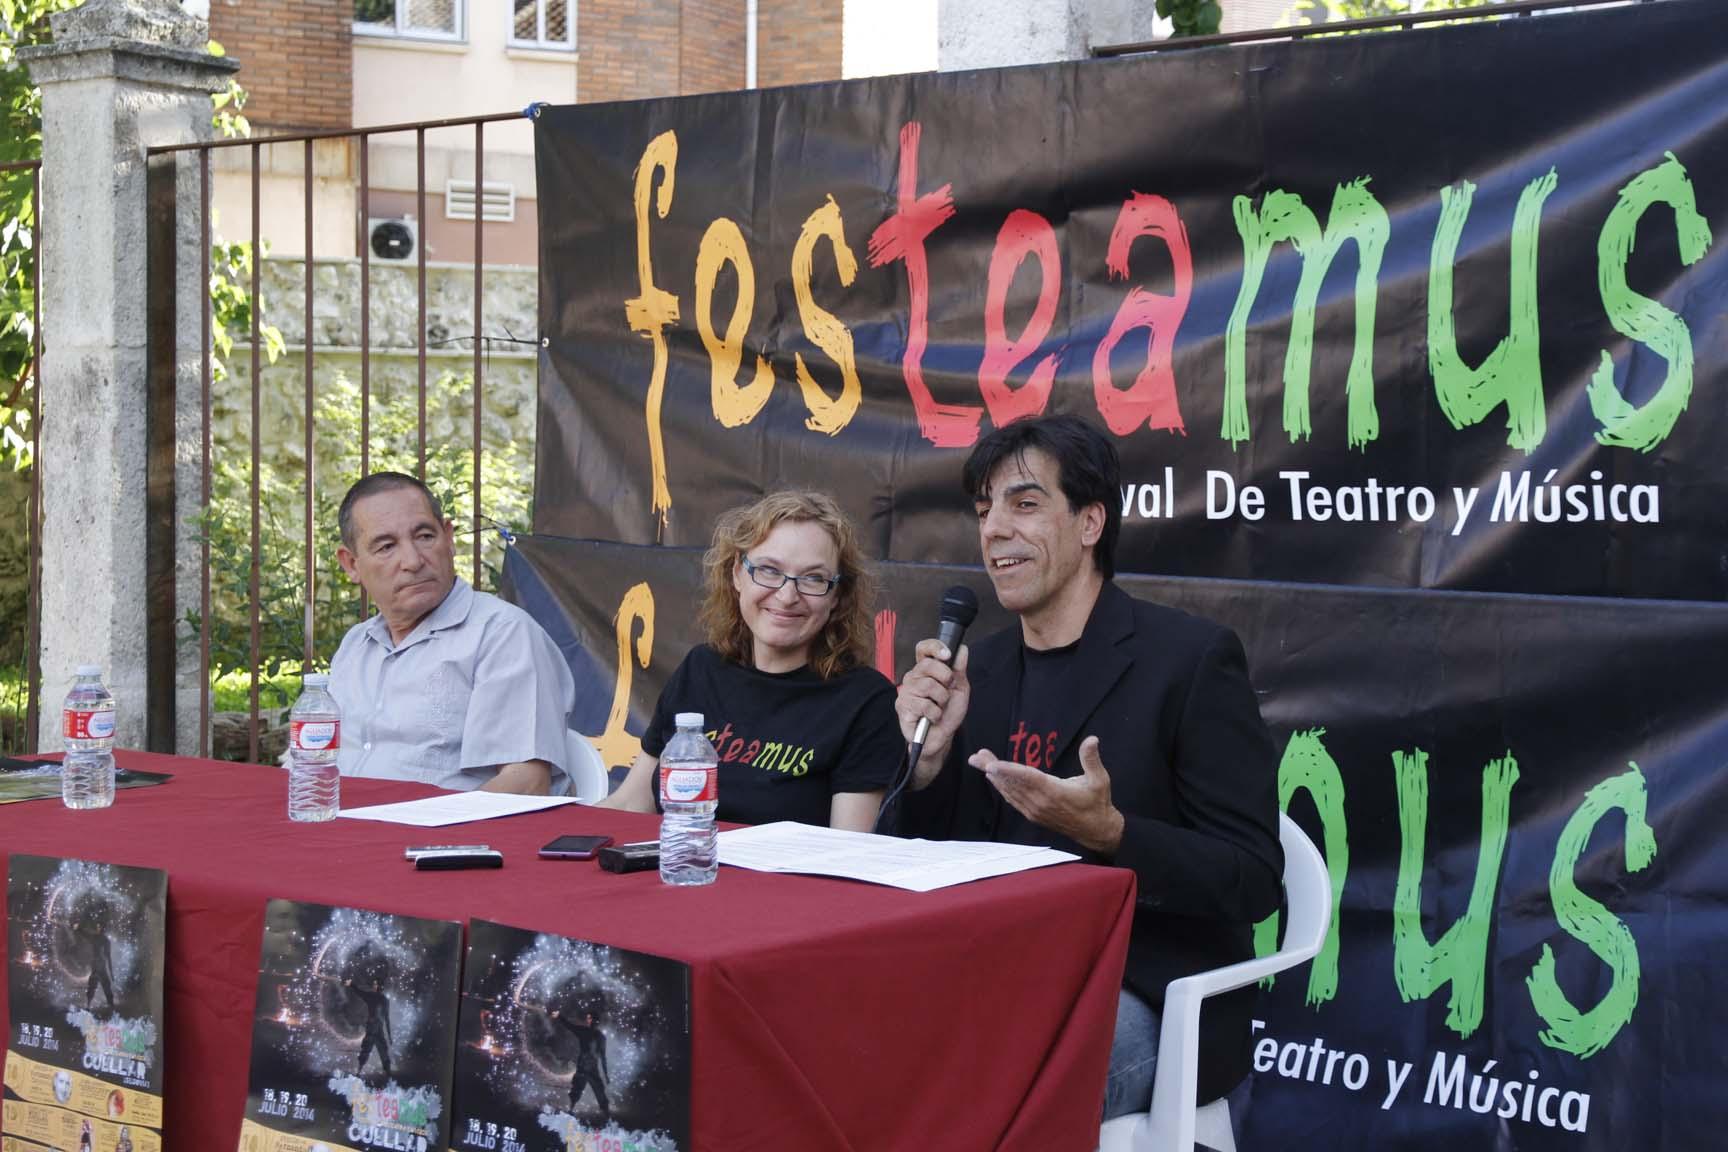 Julio Míchel, Nuria Aguado y Fernando Cárdaba durante la presentación del Festeamus 2014